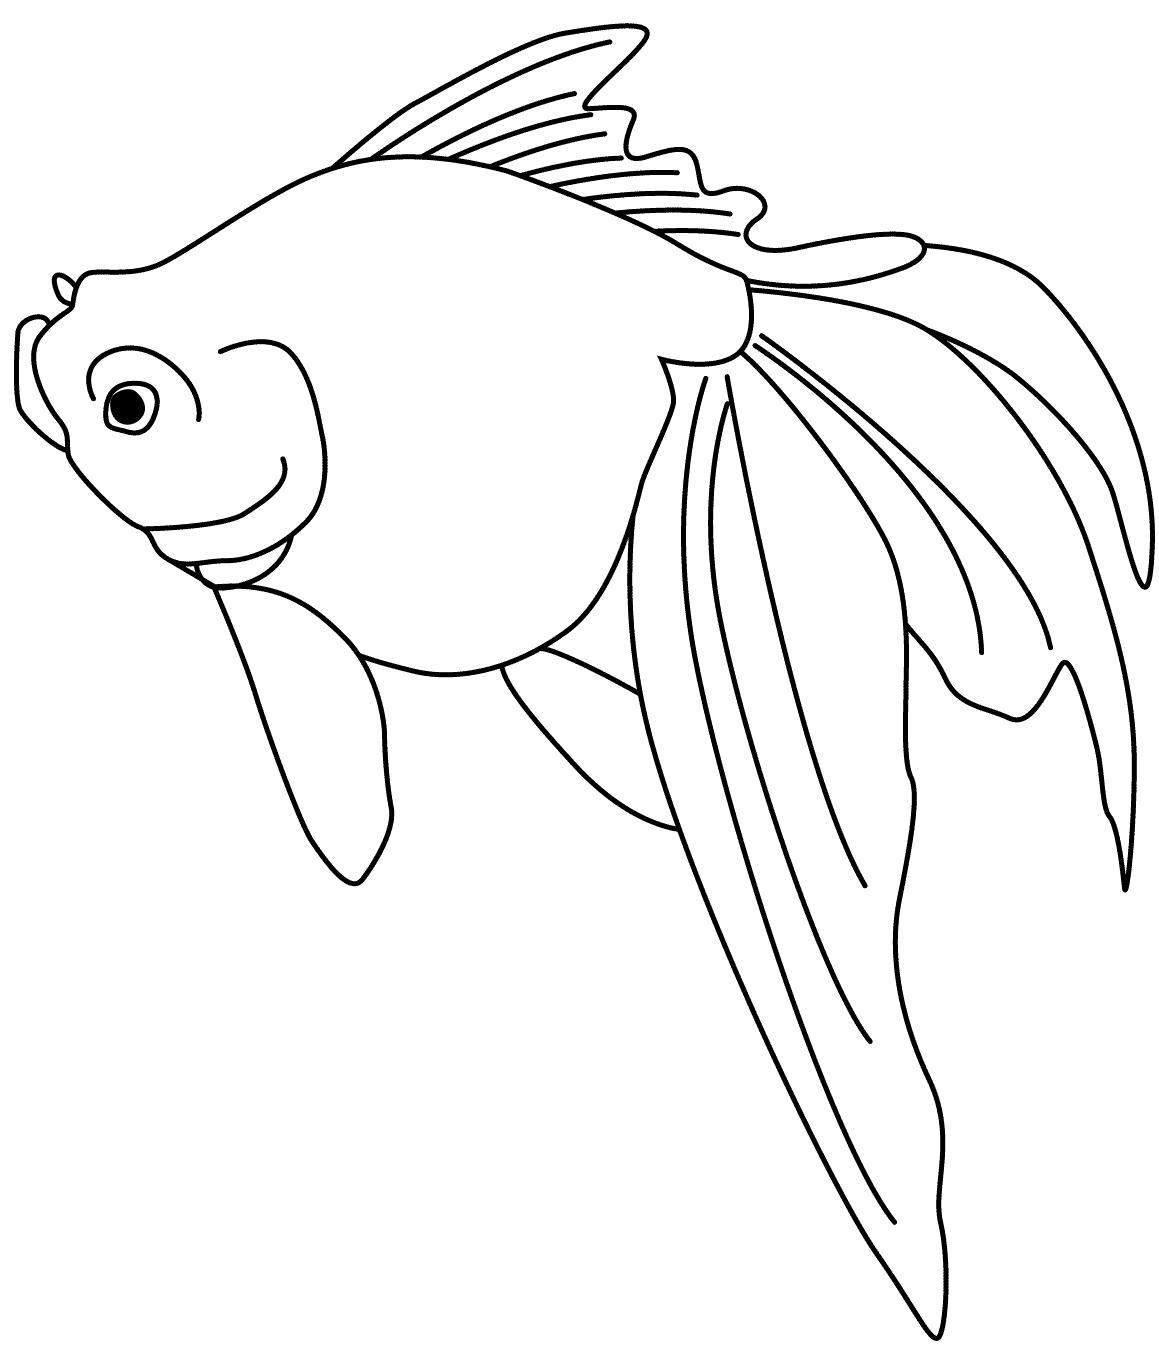 24 disegni pesciolini da colorare for Immagini di pesci da disegnare